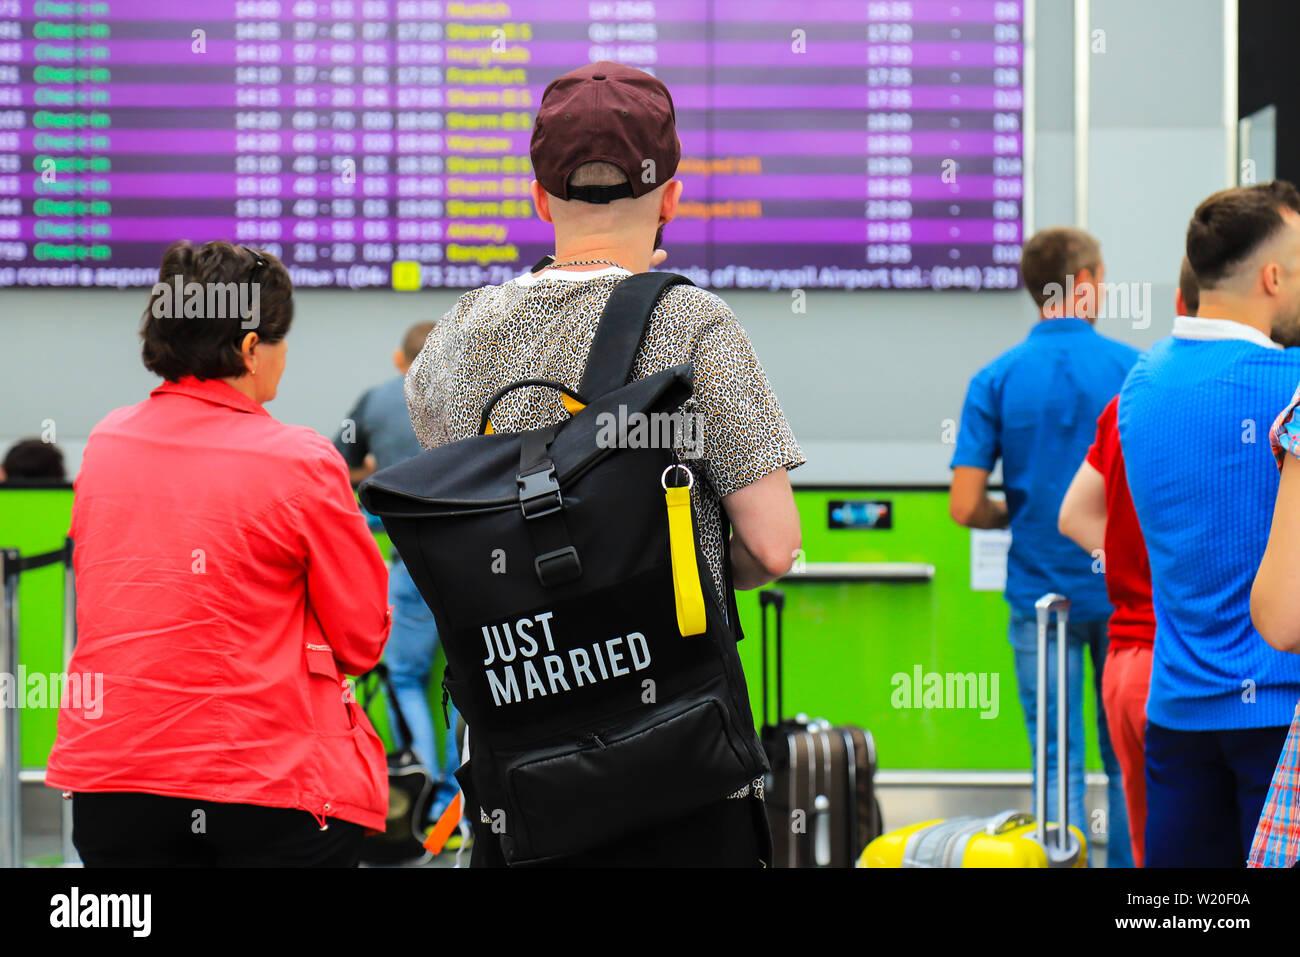 Un hombre joven con una bolsa negra con la inscripción - recién casada está de pie cerca de un tablero de información acerca de la fecha de llegada y de salida en el aeropuerto. Imagen De Stock